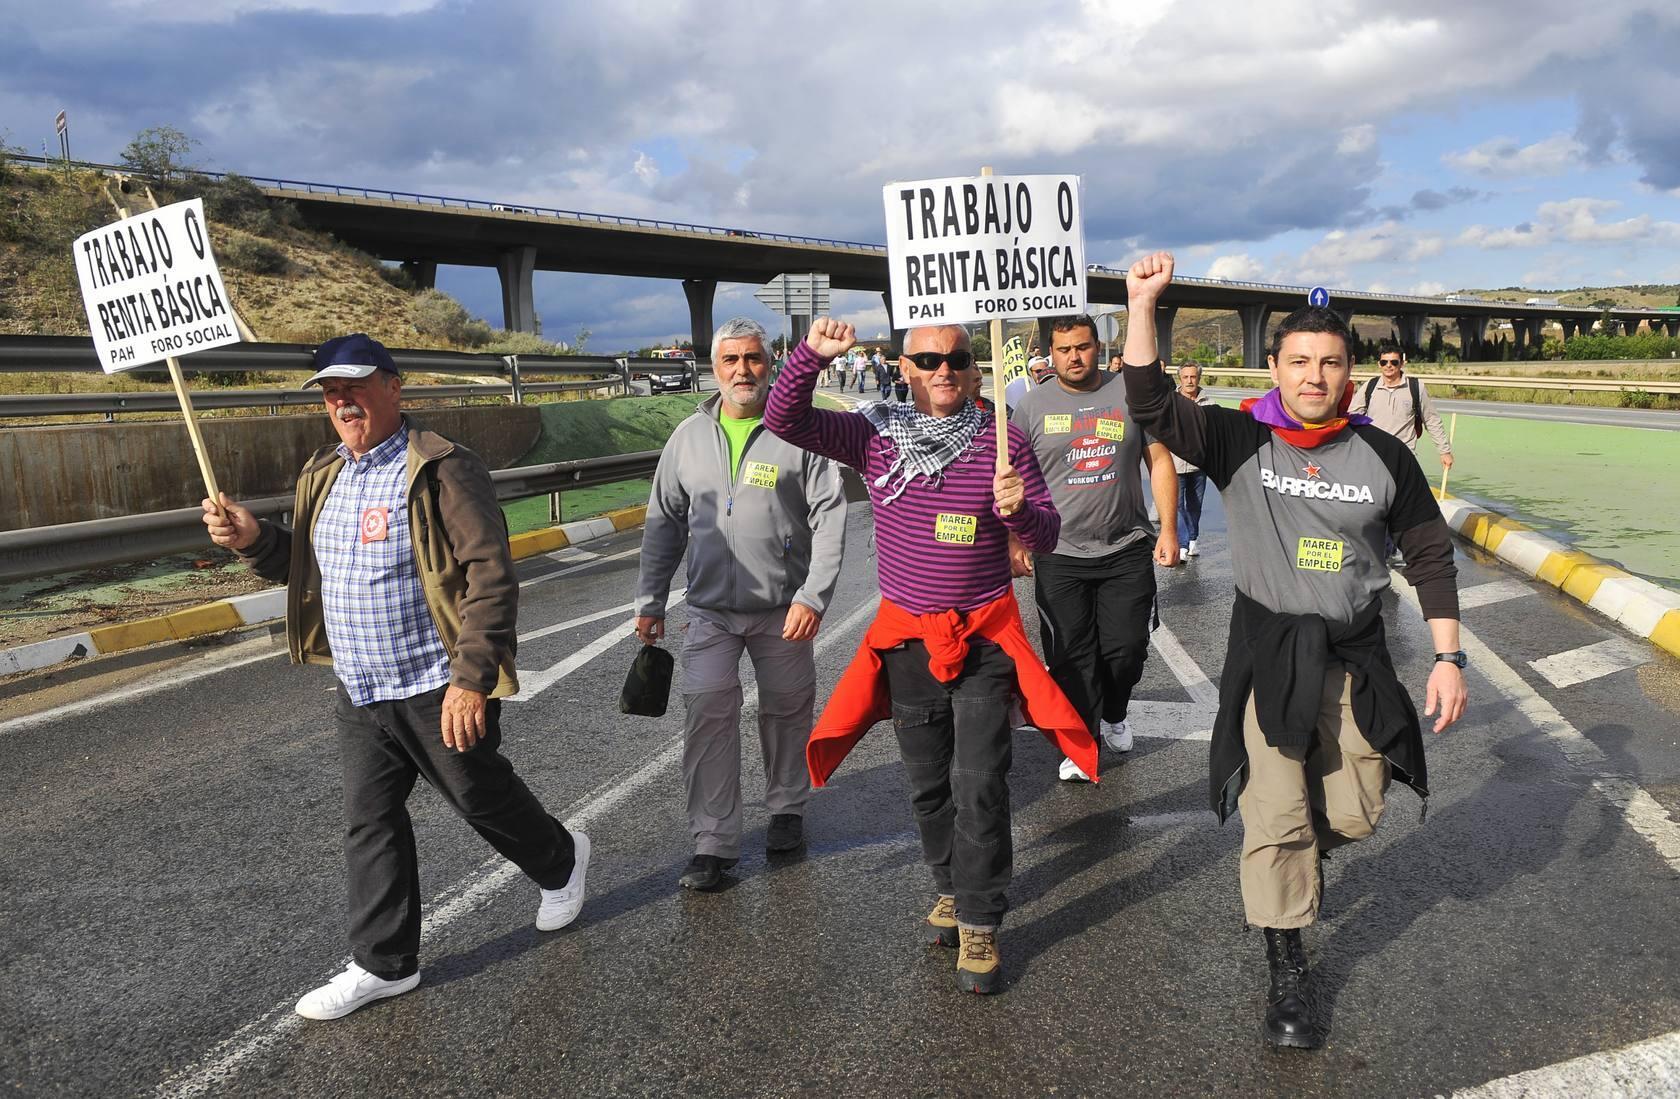 II Marcha contra el Paro, la Precariedad y los Recortes de la Región